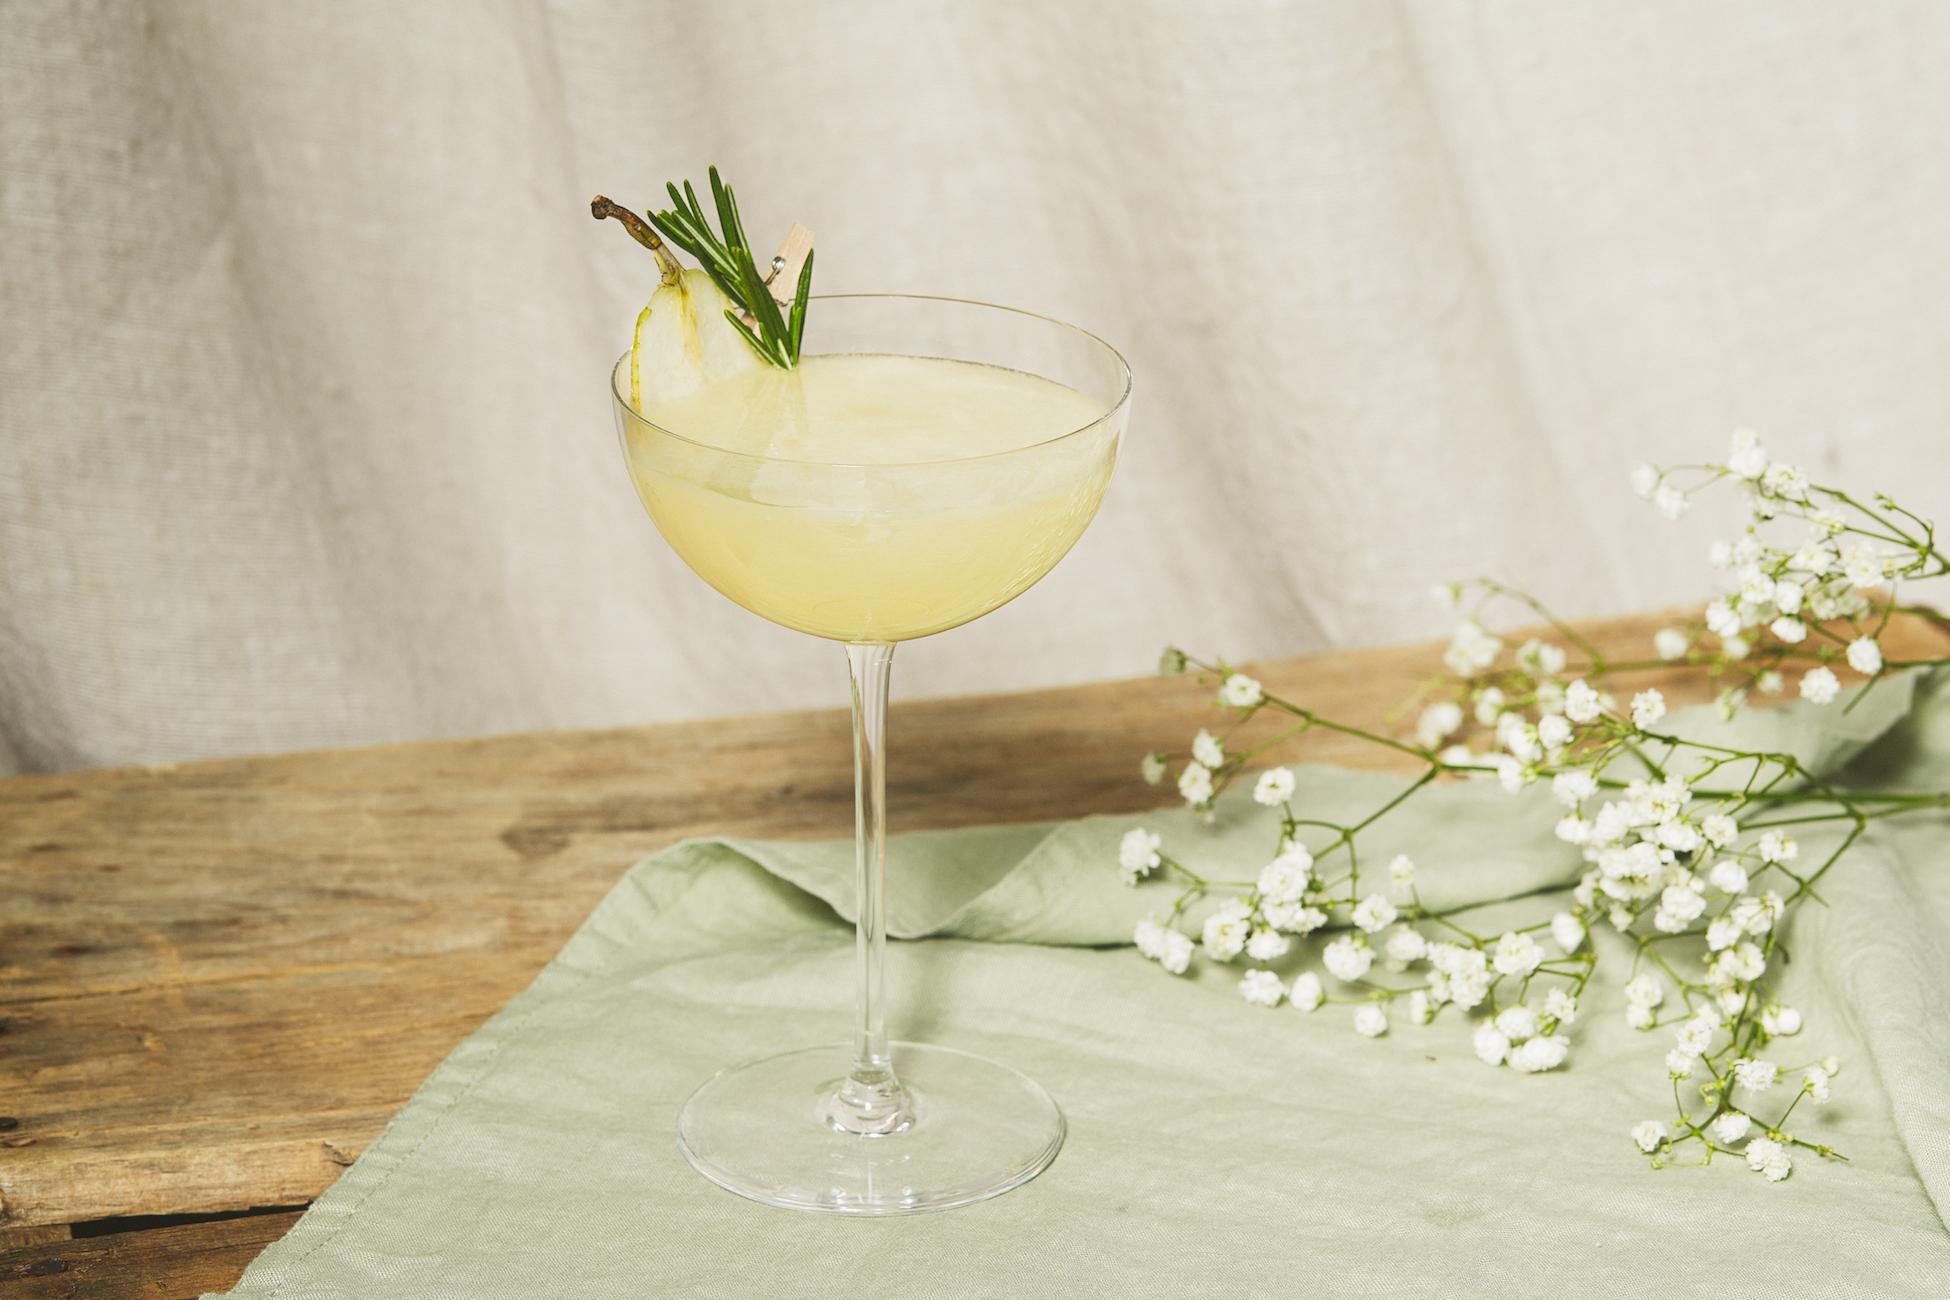 Martini à la Poire